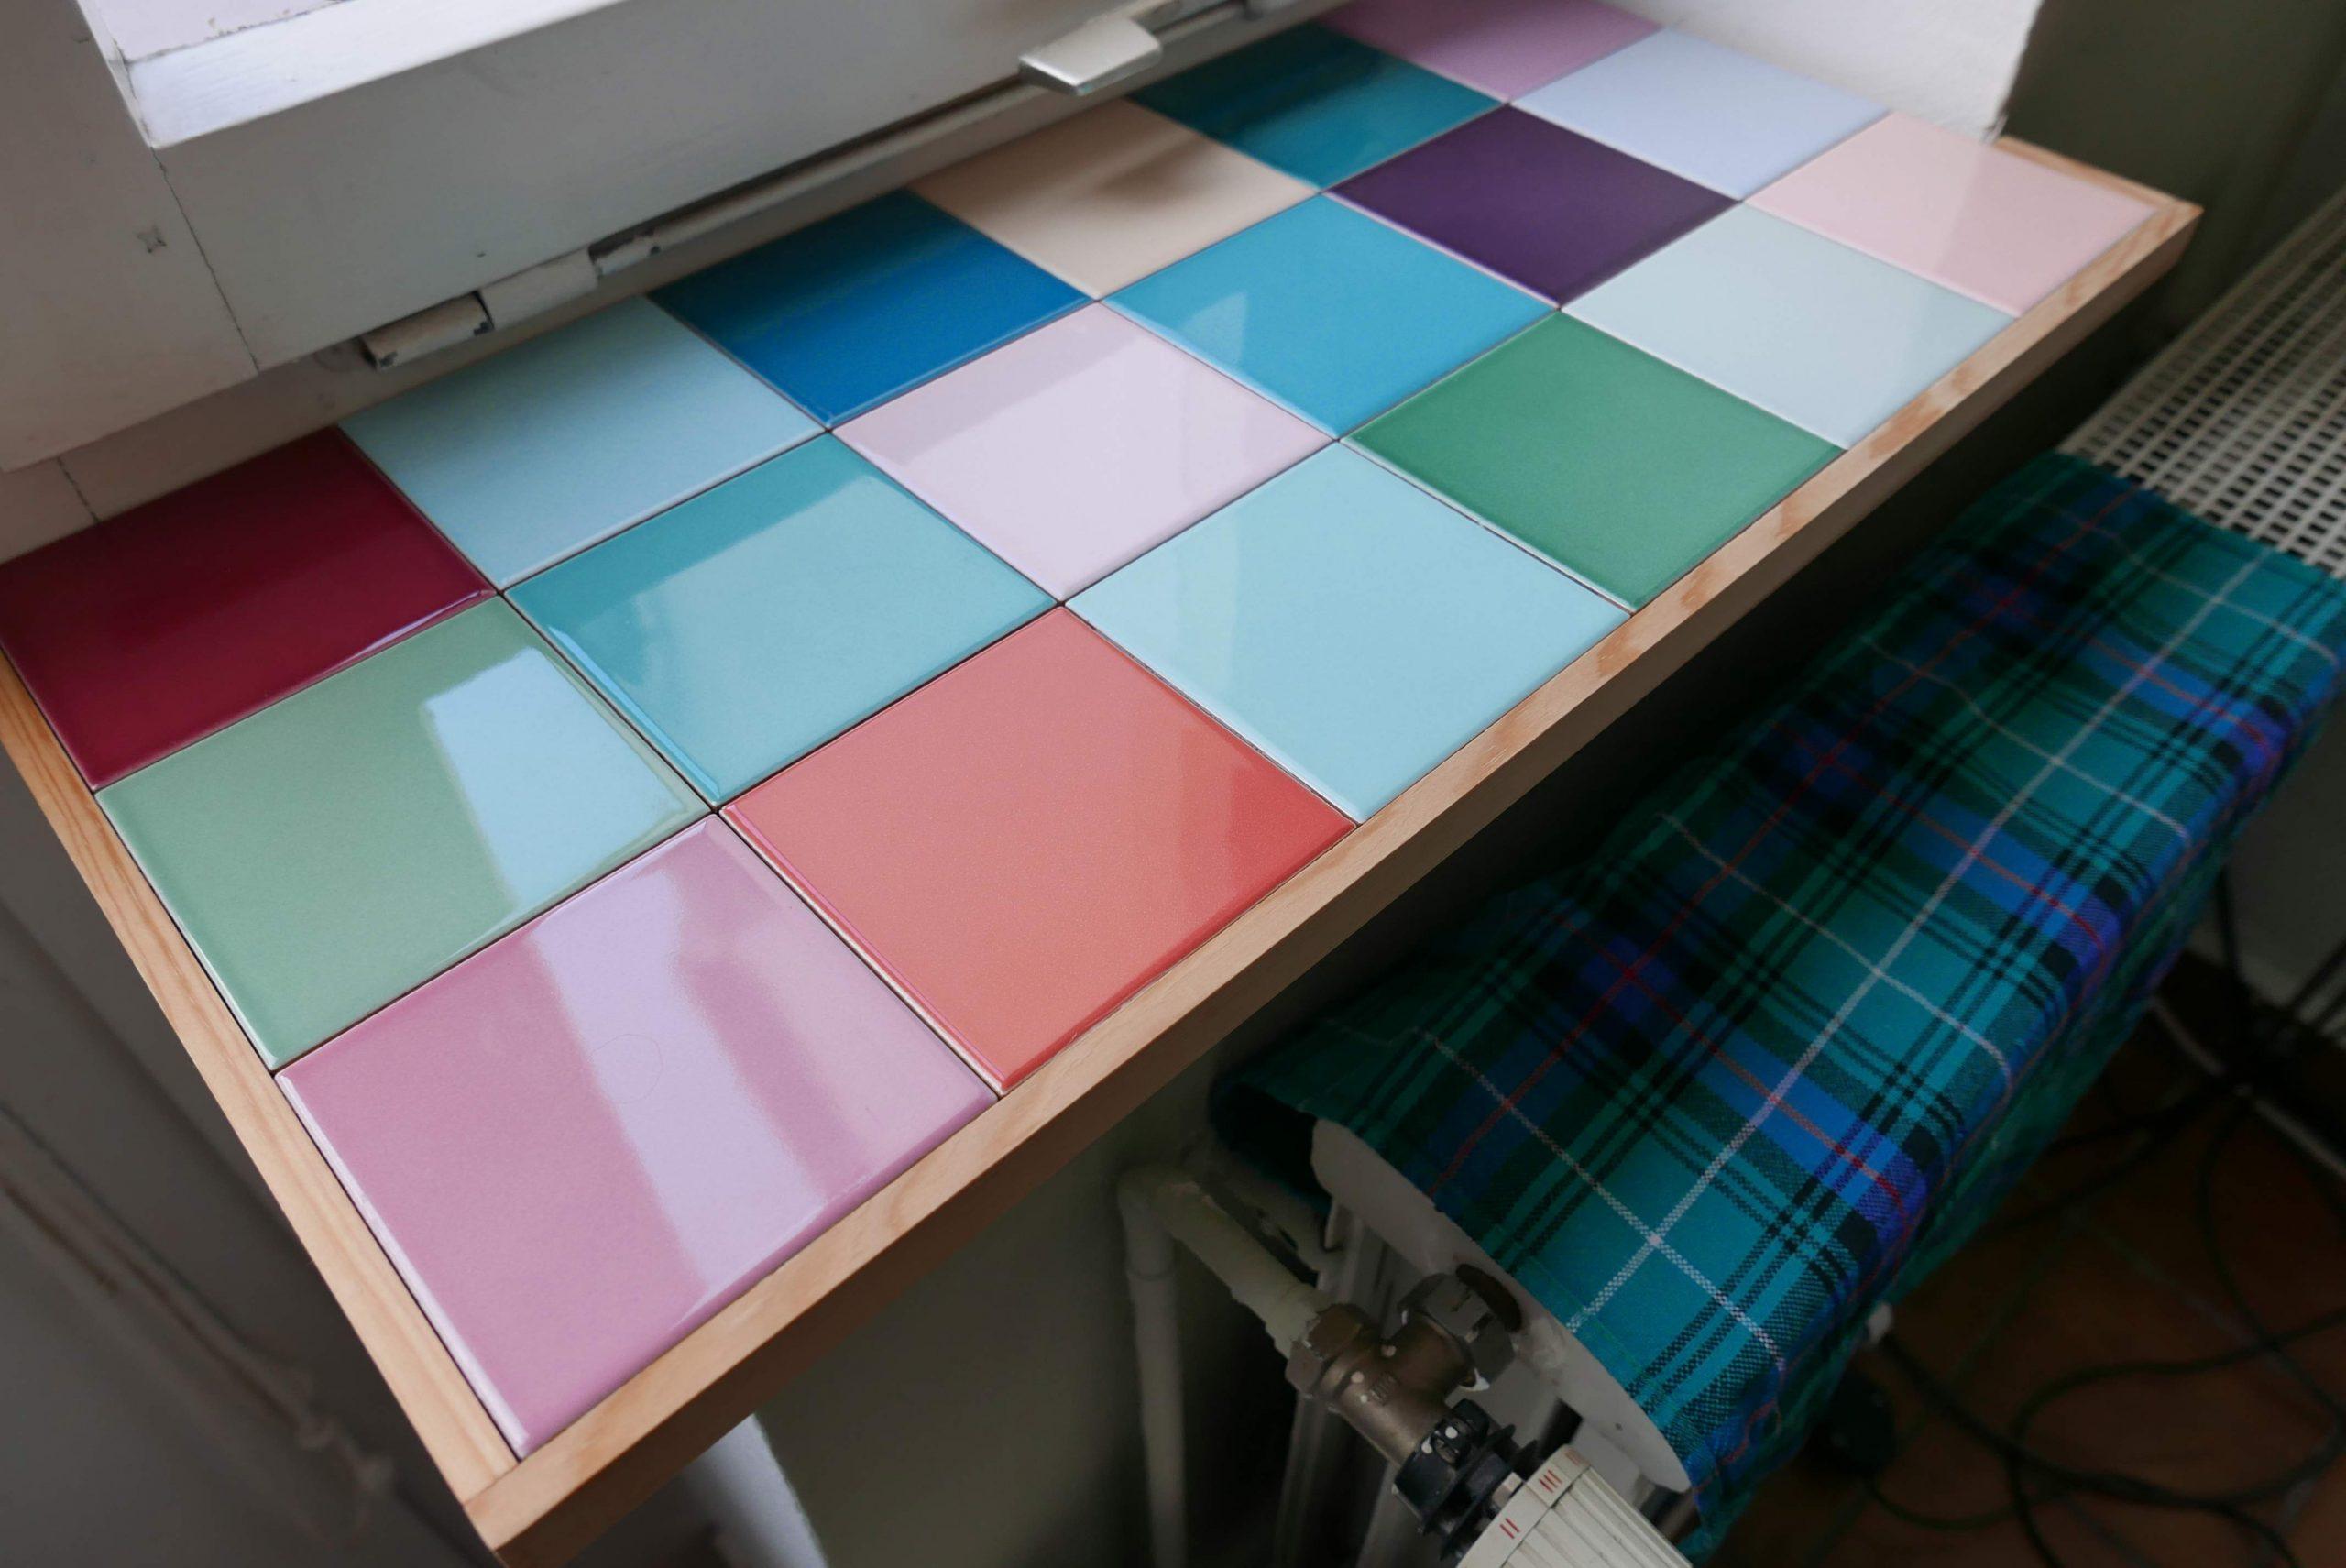 Mehr Platz und Farbe am Fenster: Fensterbankvergrößerung Schrägansicht